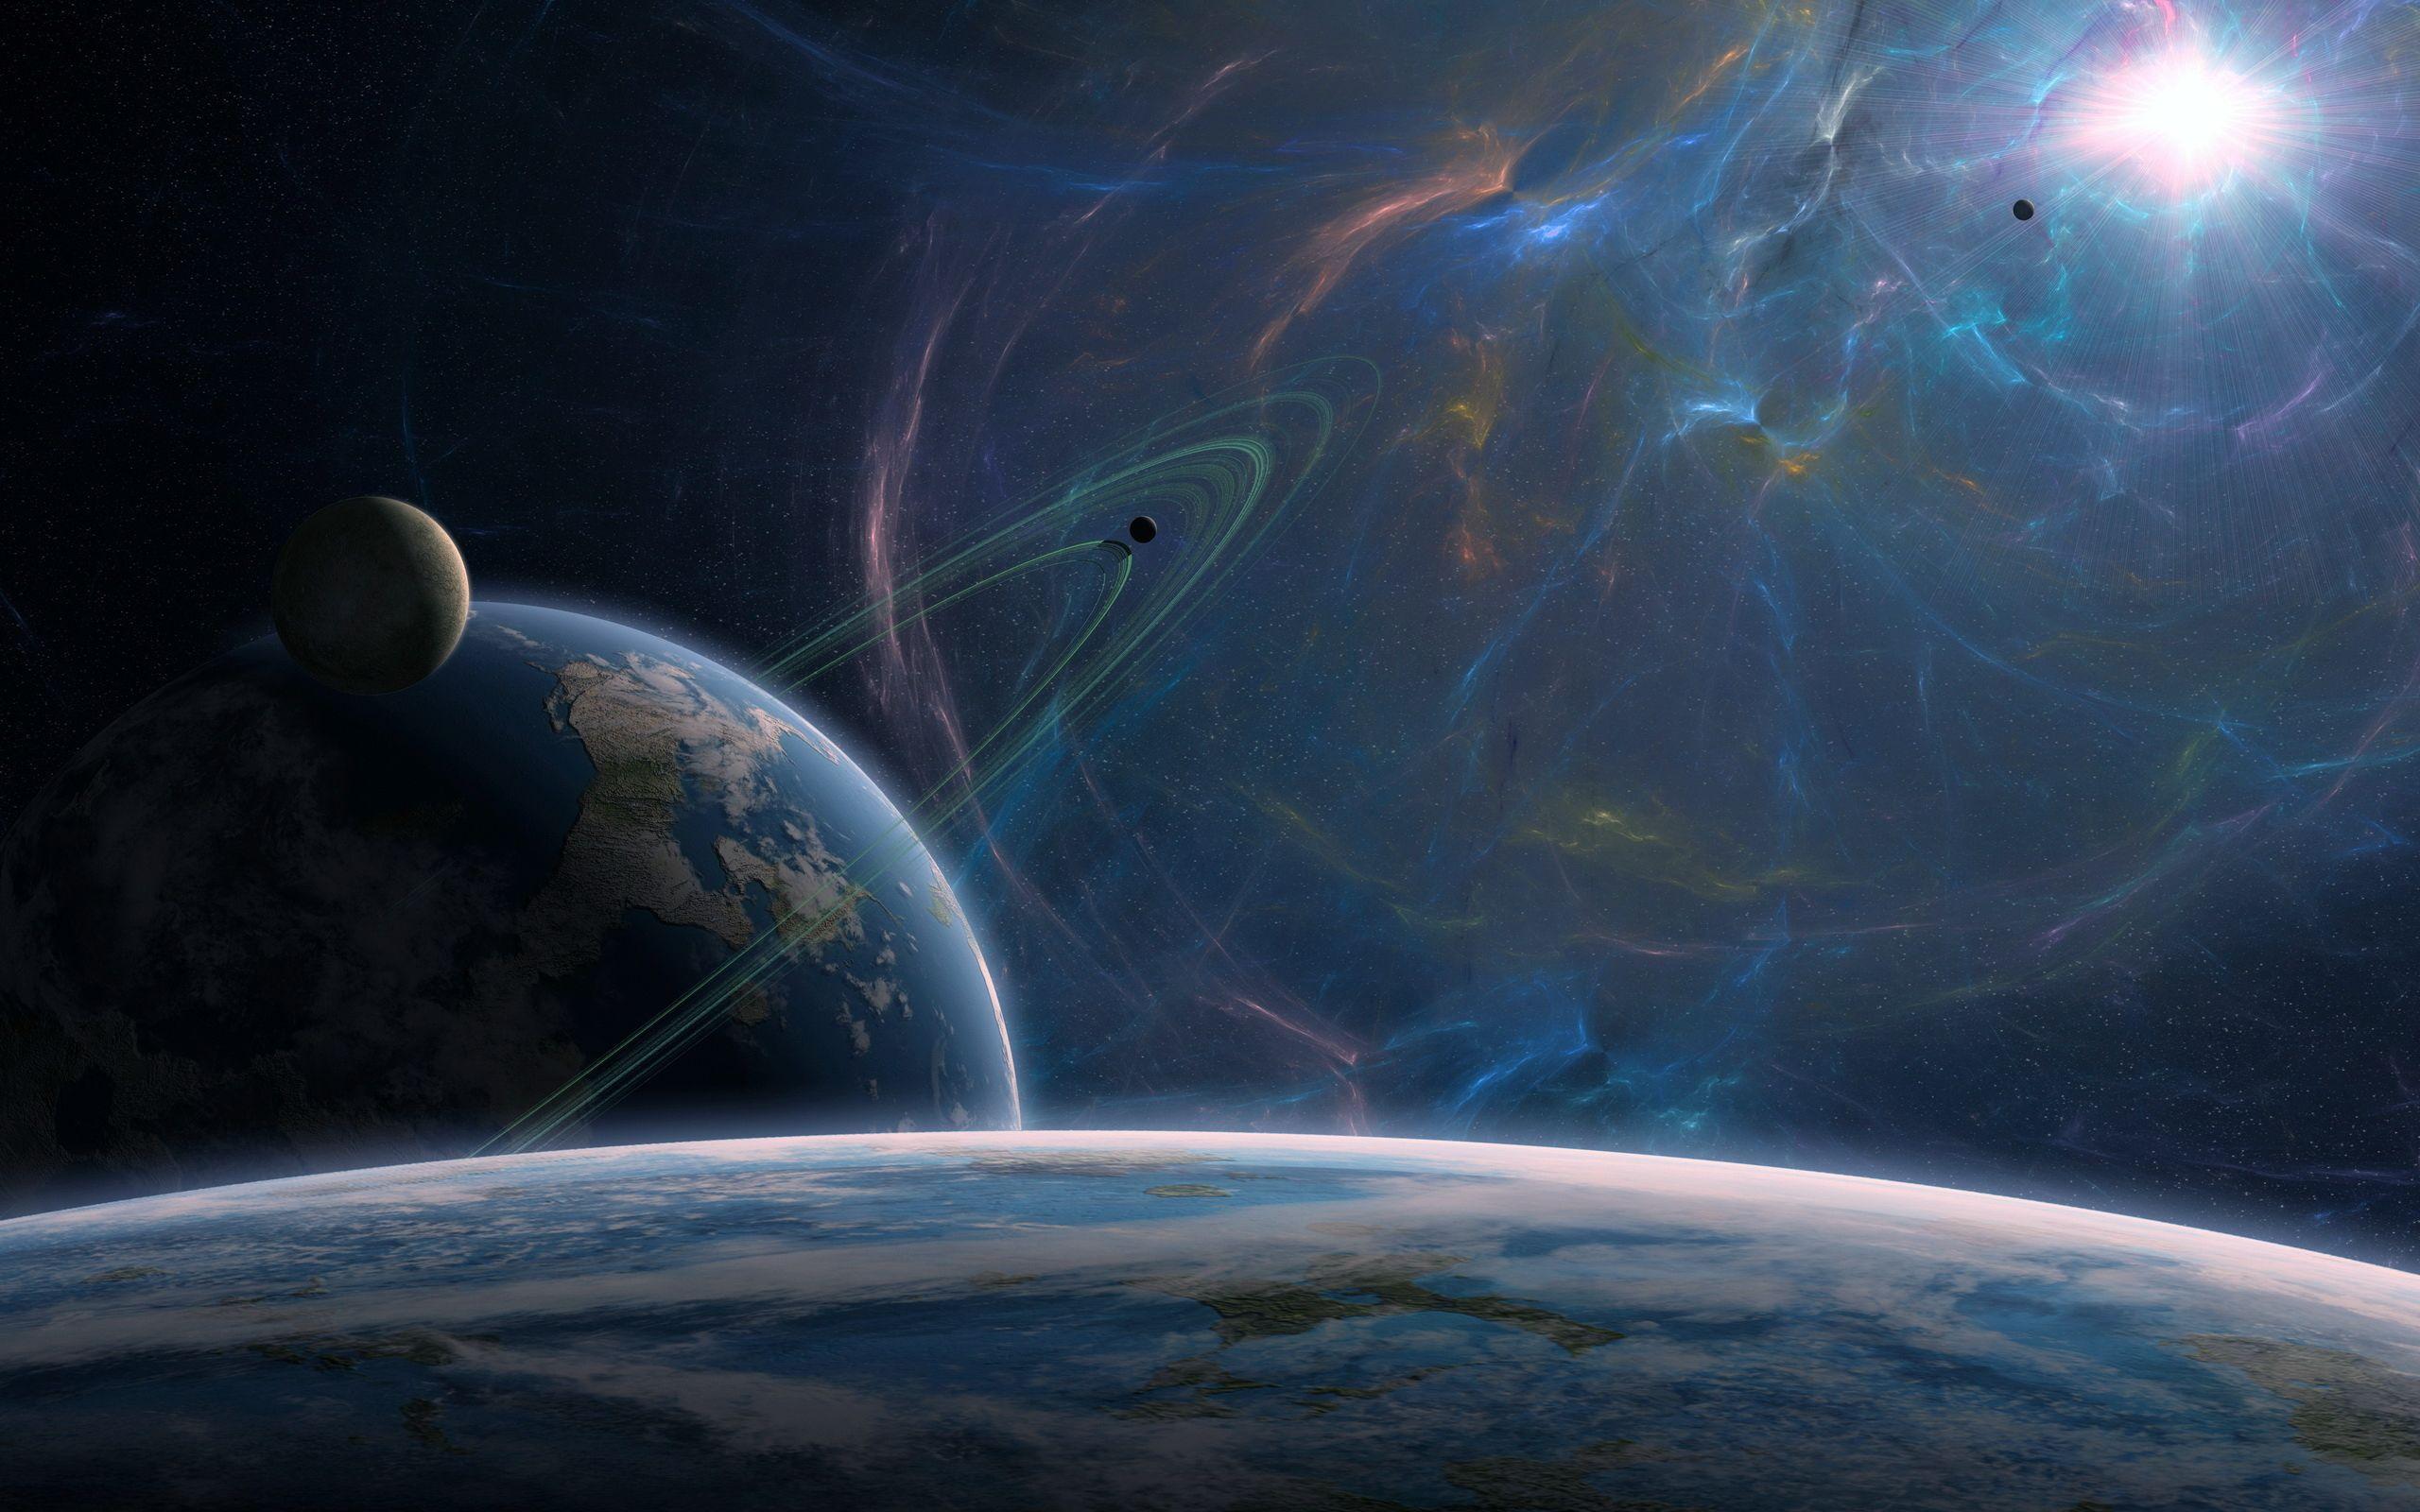 Обои галактика космос картинки на рабочий стол на тему Космос - скачать без смс